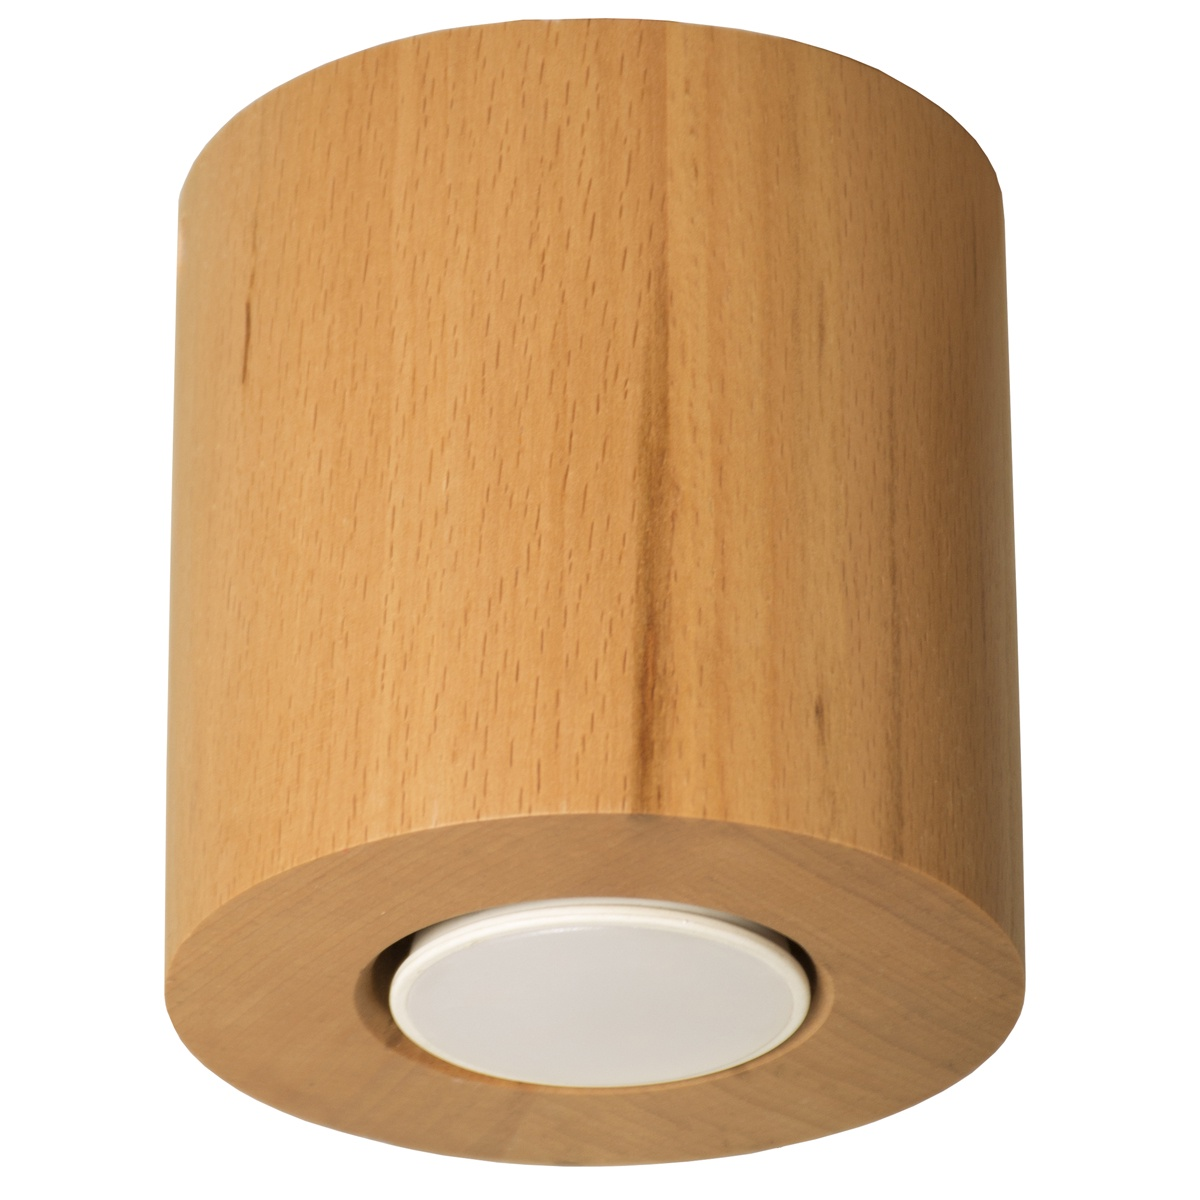 Светильник потолочный Ротондо накладной светильник дубравия кватро 225 70 61